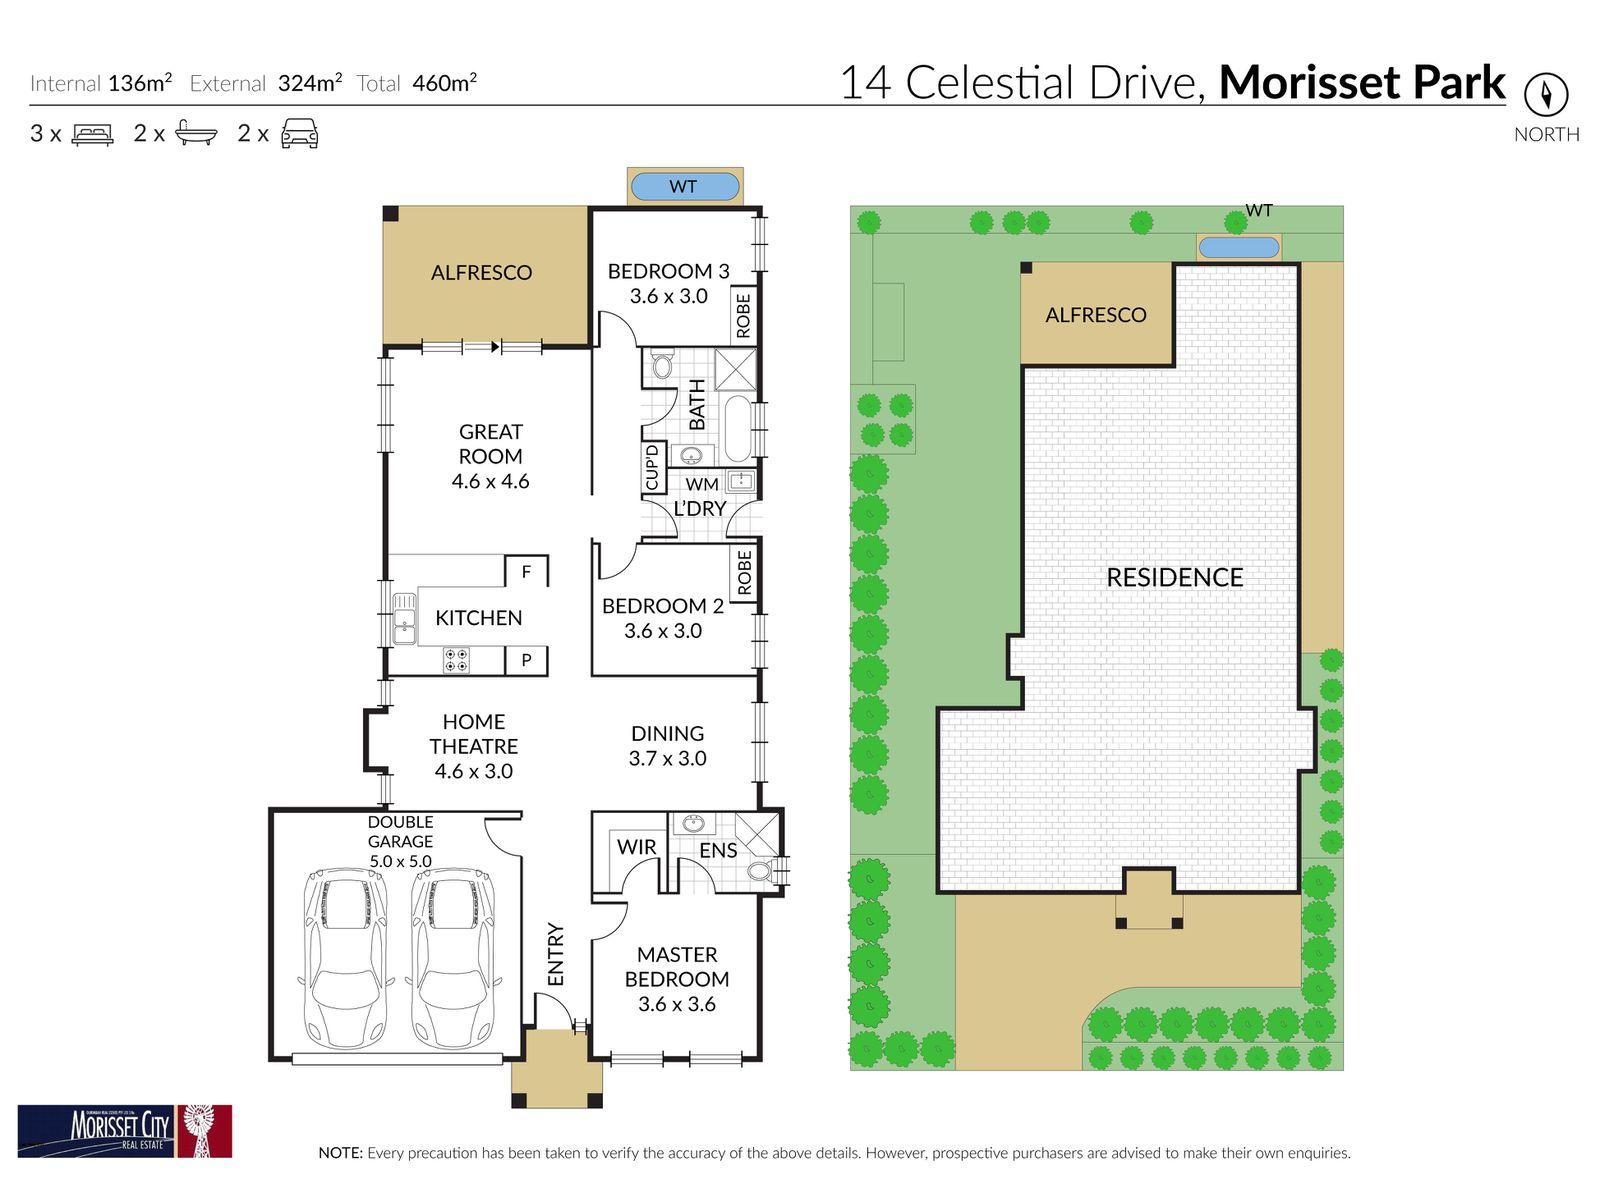 14 Celestial Drive, Morisset Park